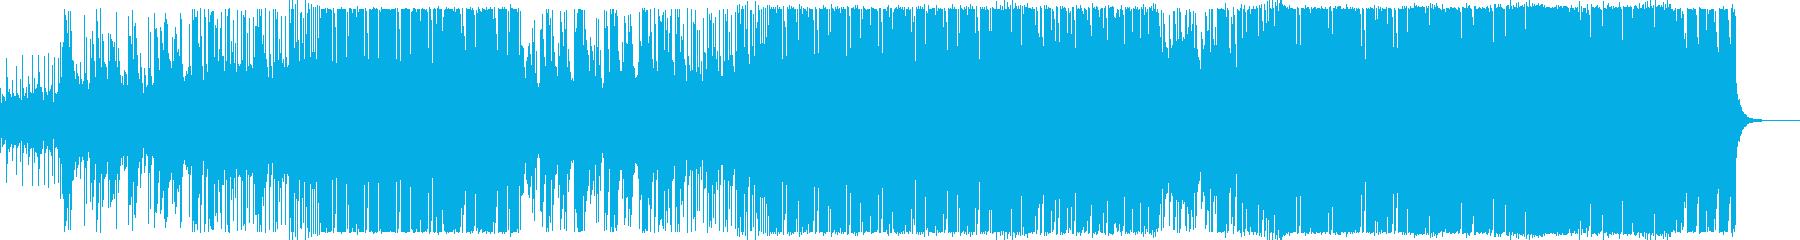 シンセチックで機械的なファンクの再生済みの波形